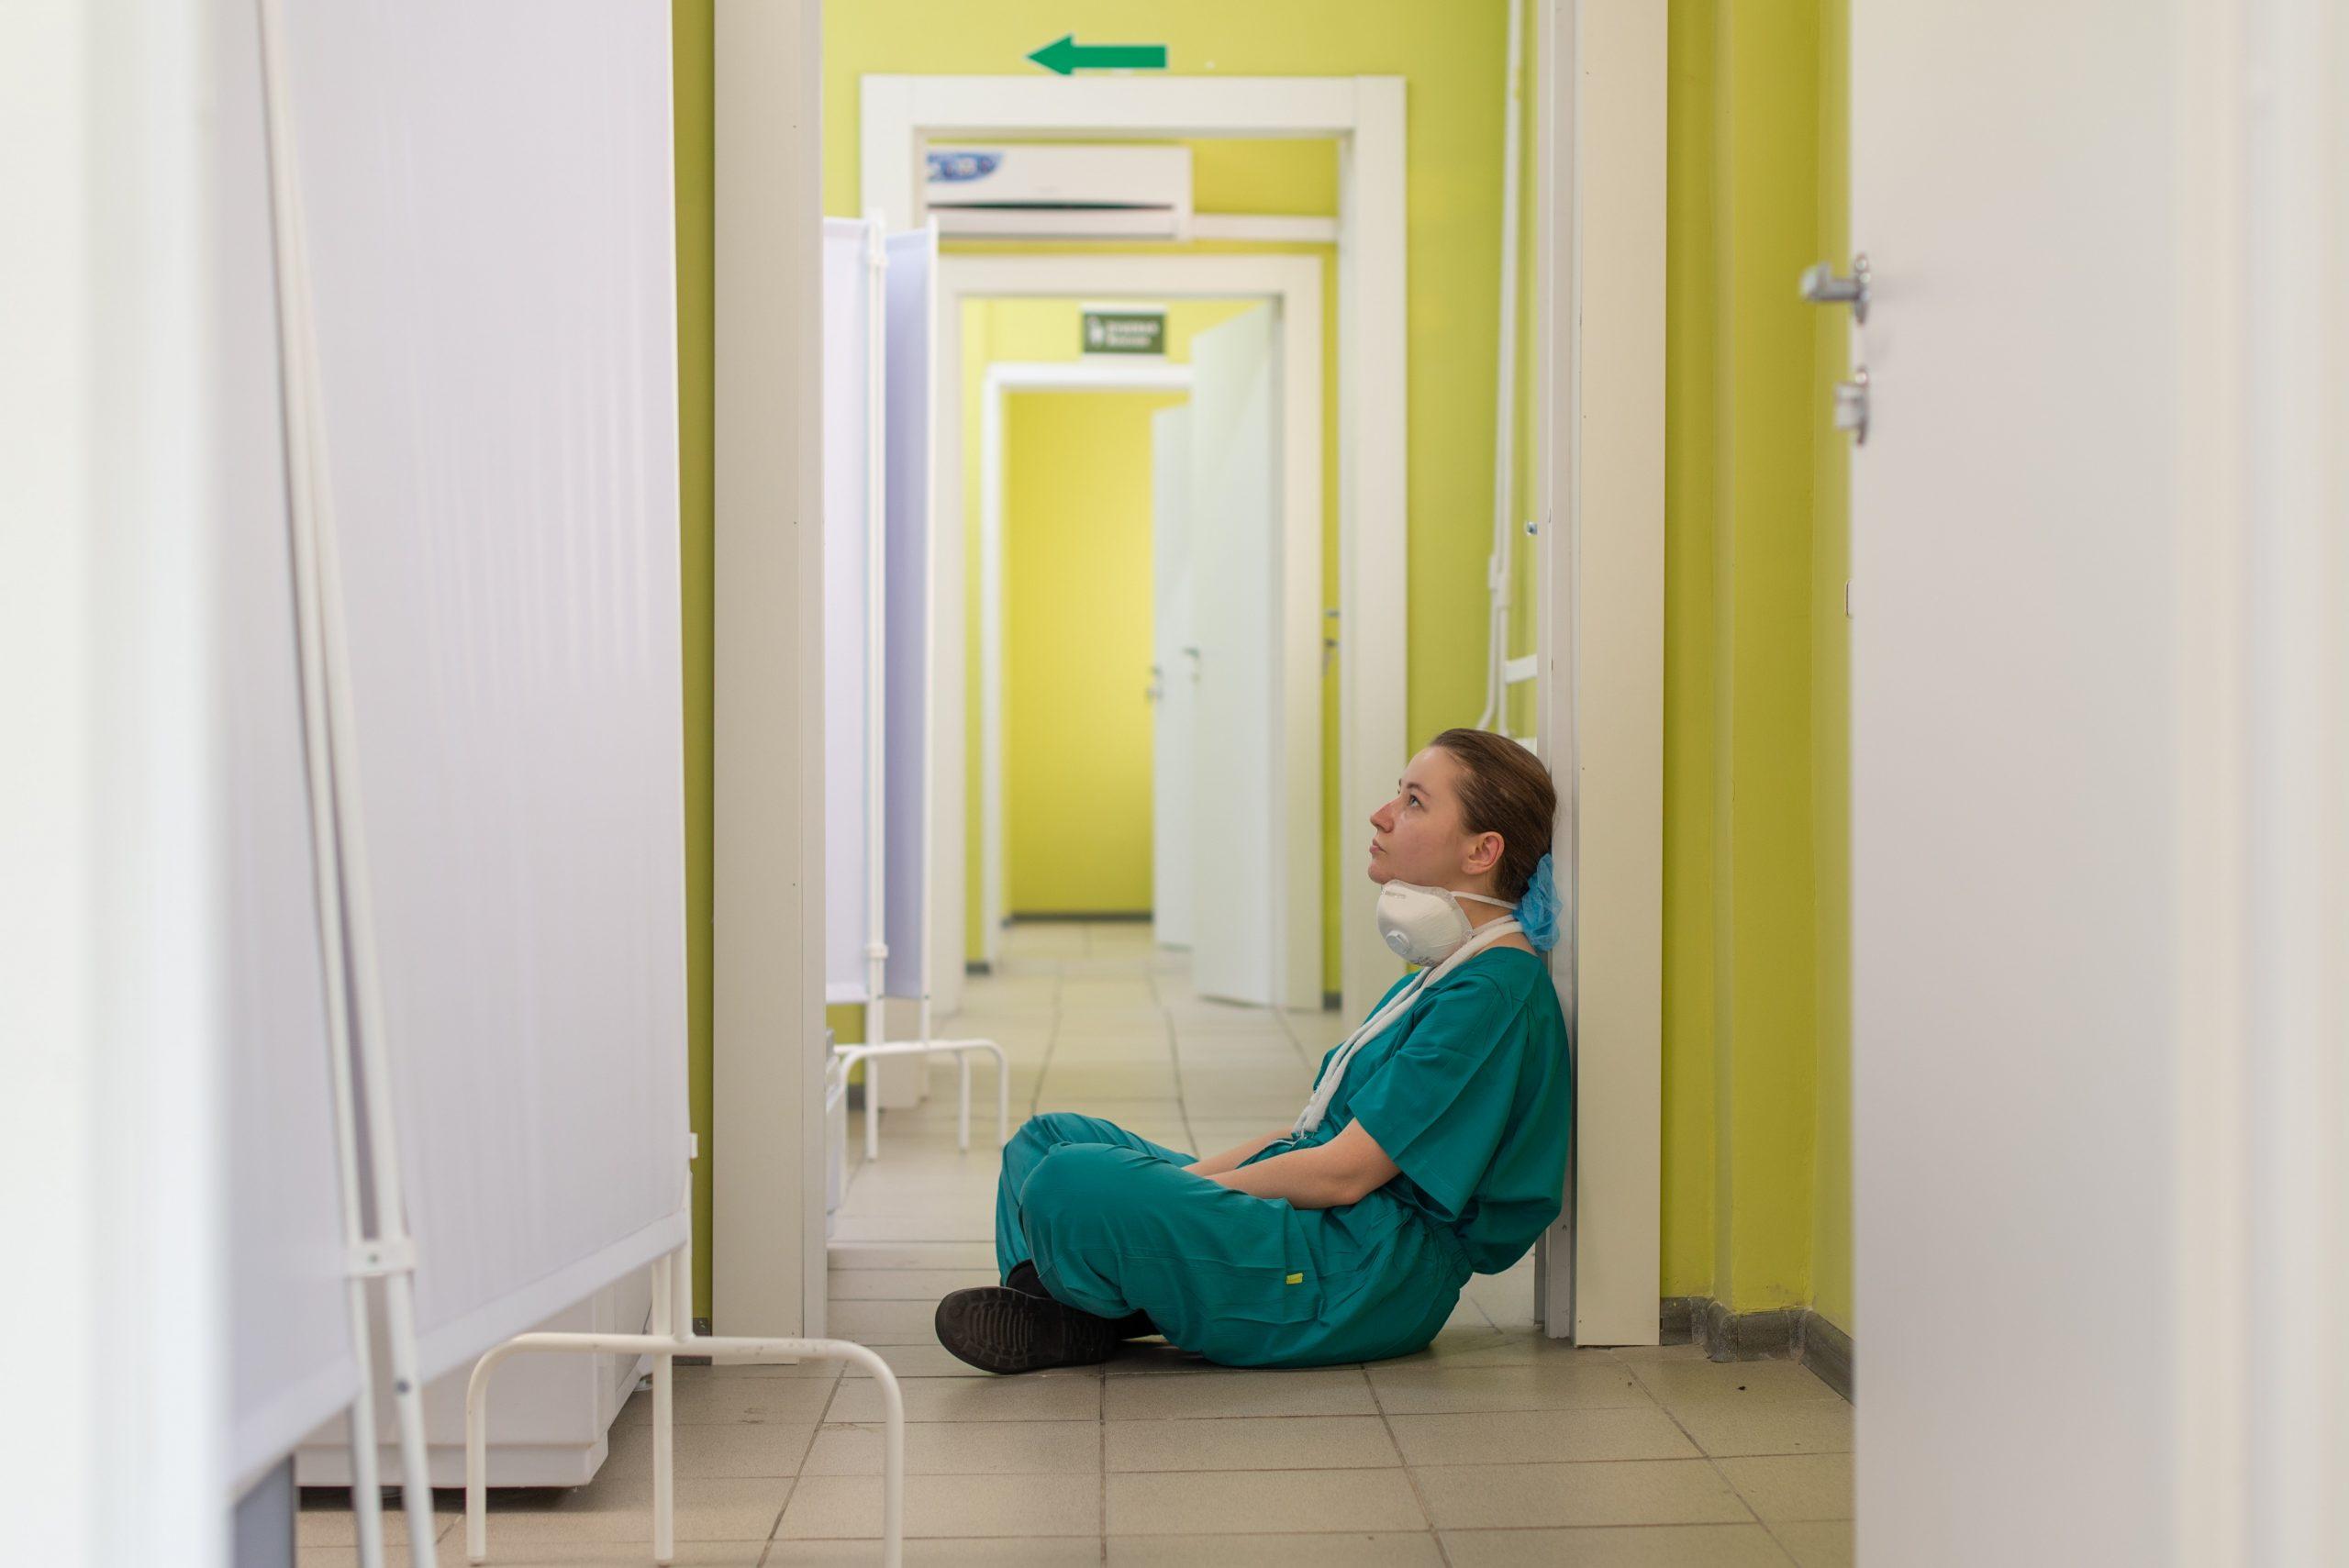 Vers un meilleur soutien des infirmiers de soins à domicile